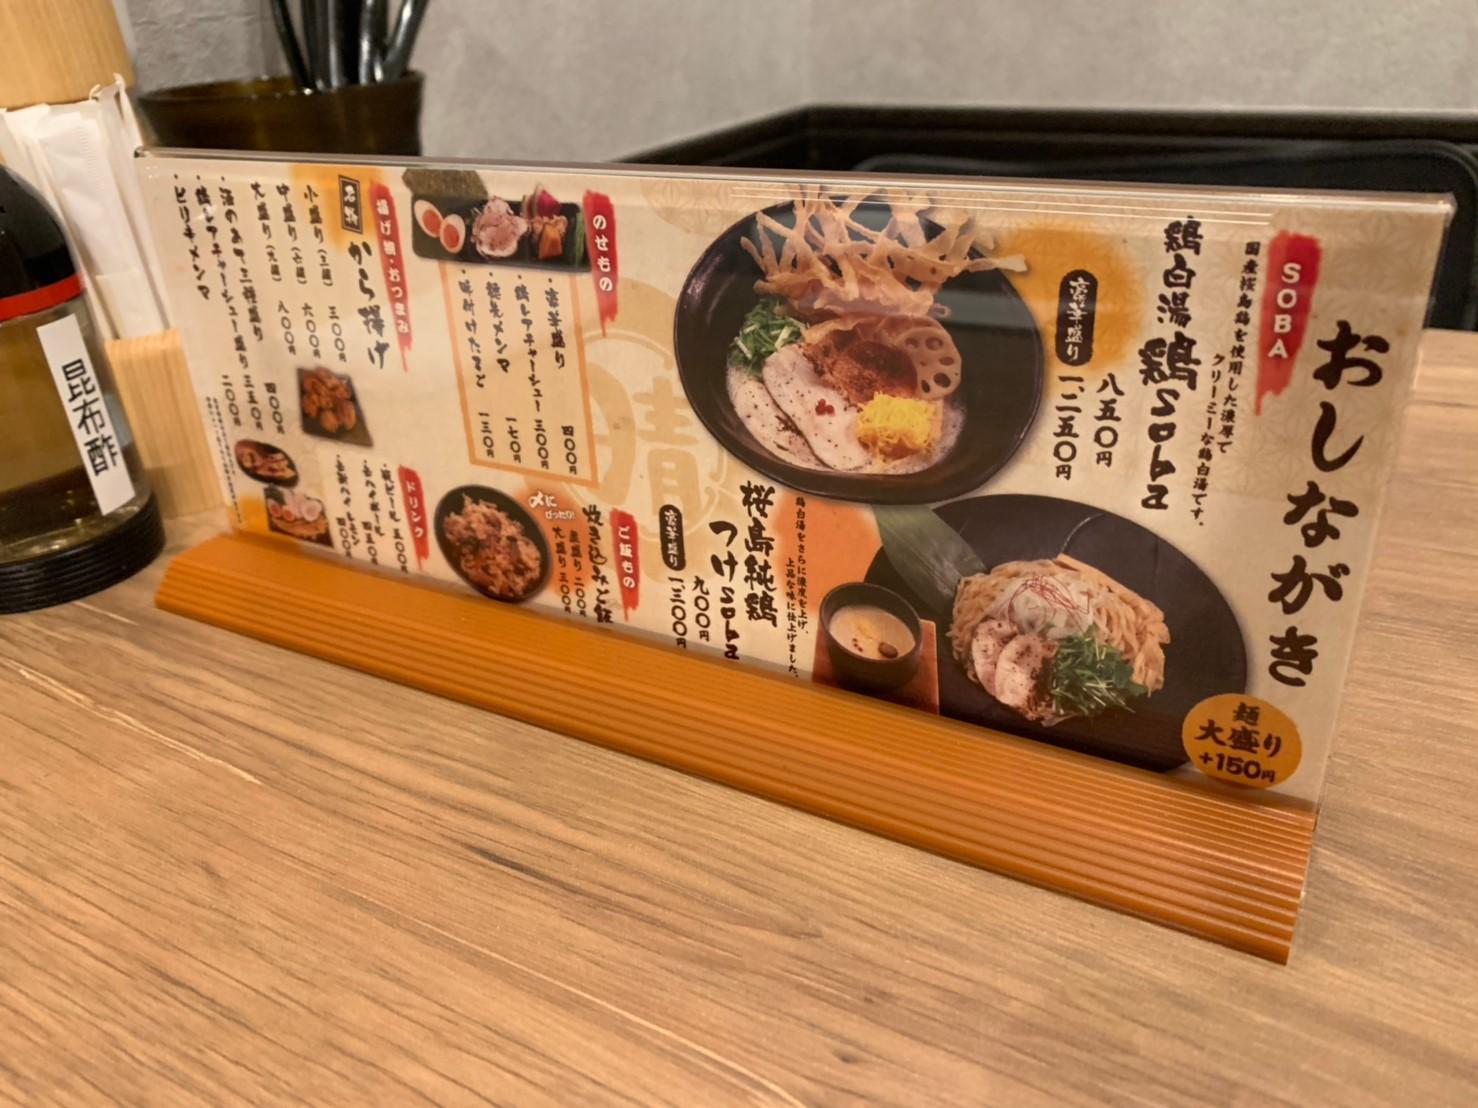 三代目晴レル屋 鶏白湯soba 錦店様 メニューデザイン